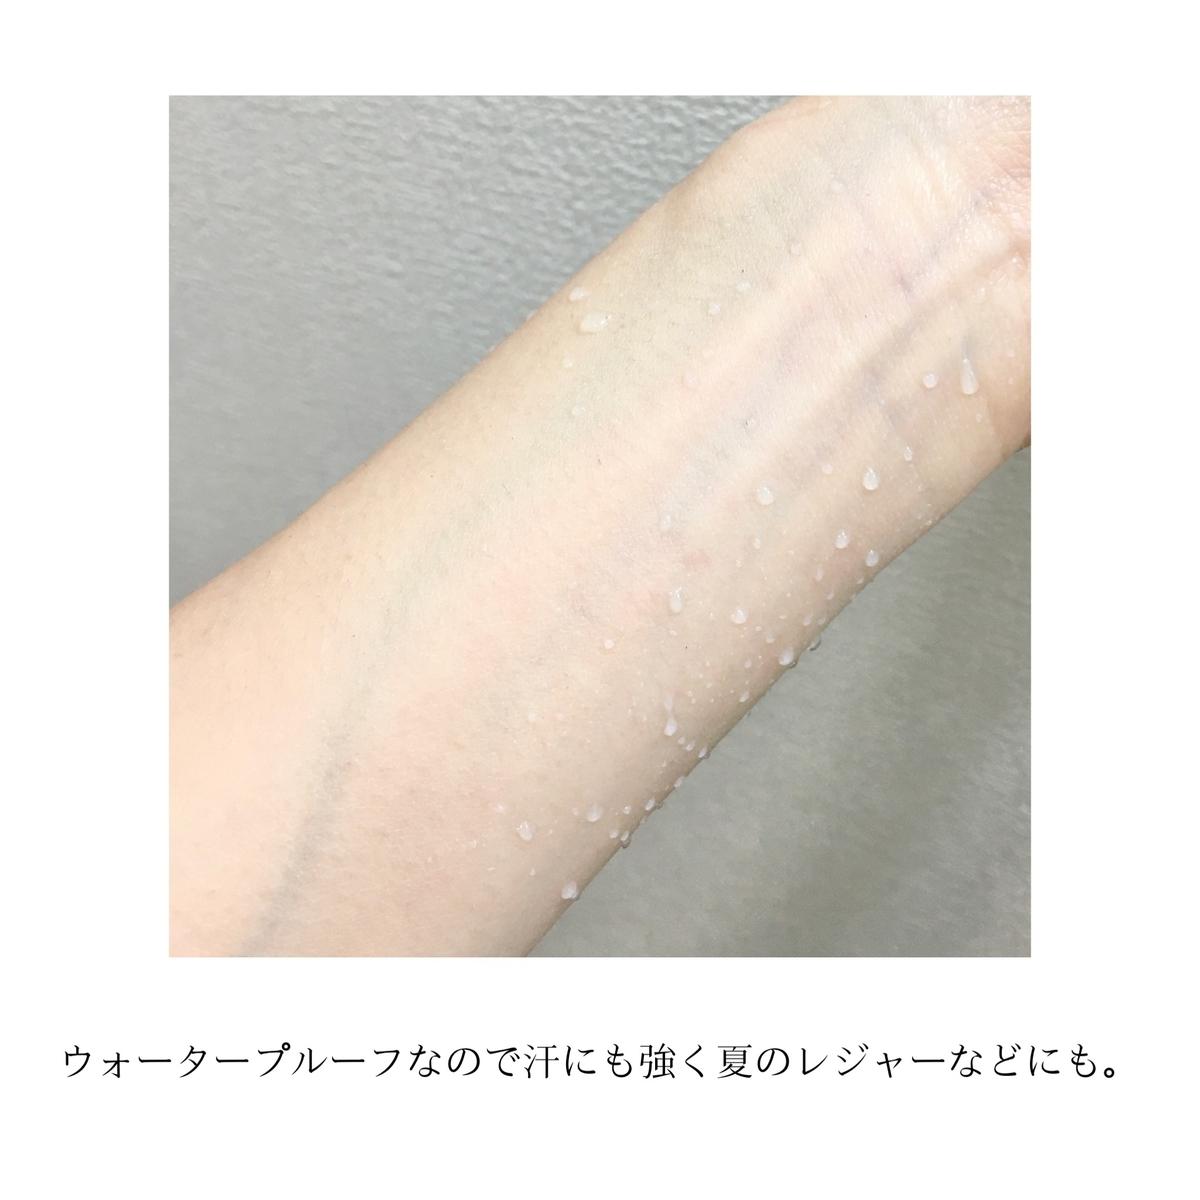 f:id:salon_moon:20210313090458j:plain